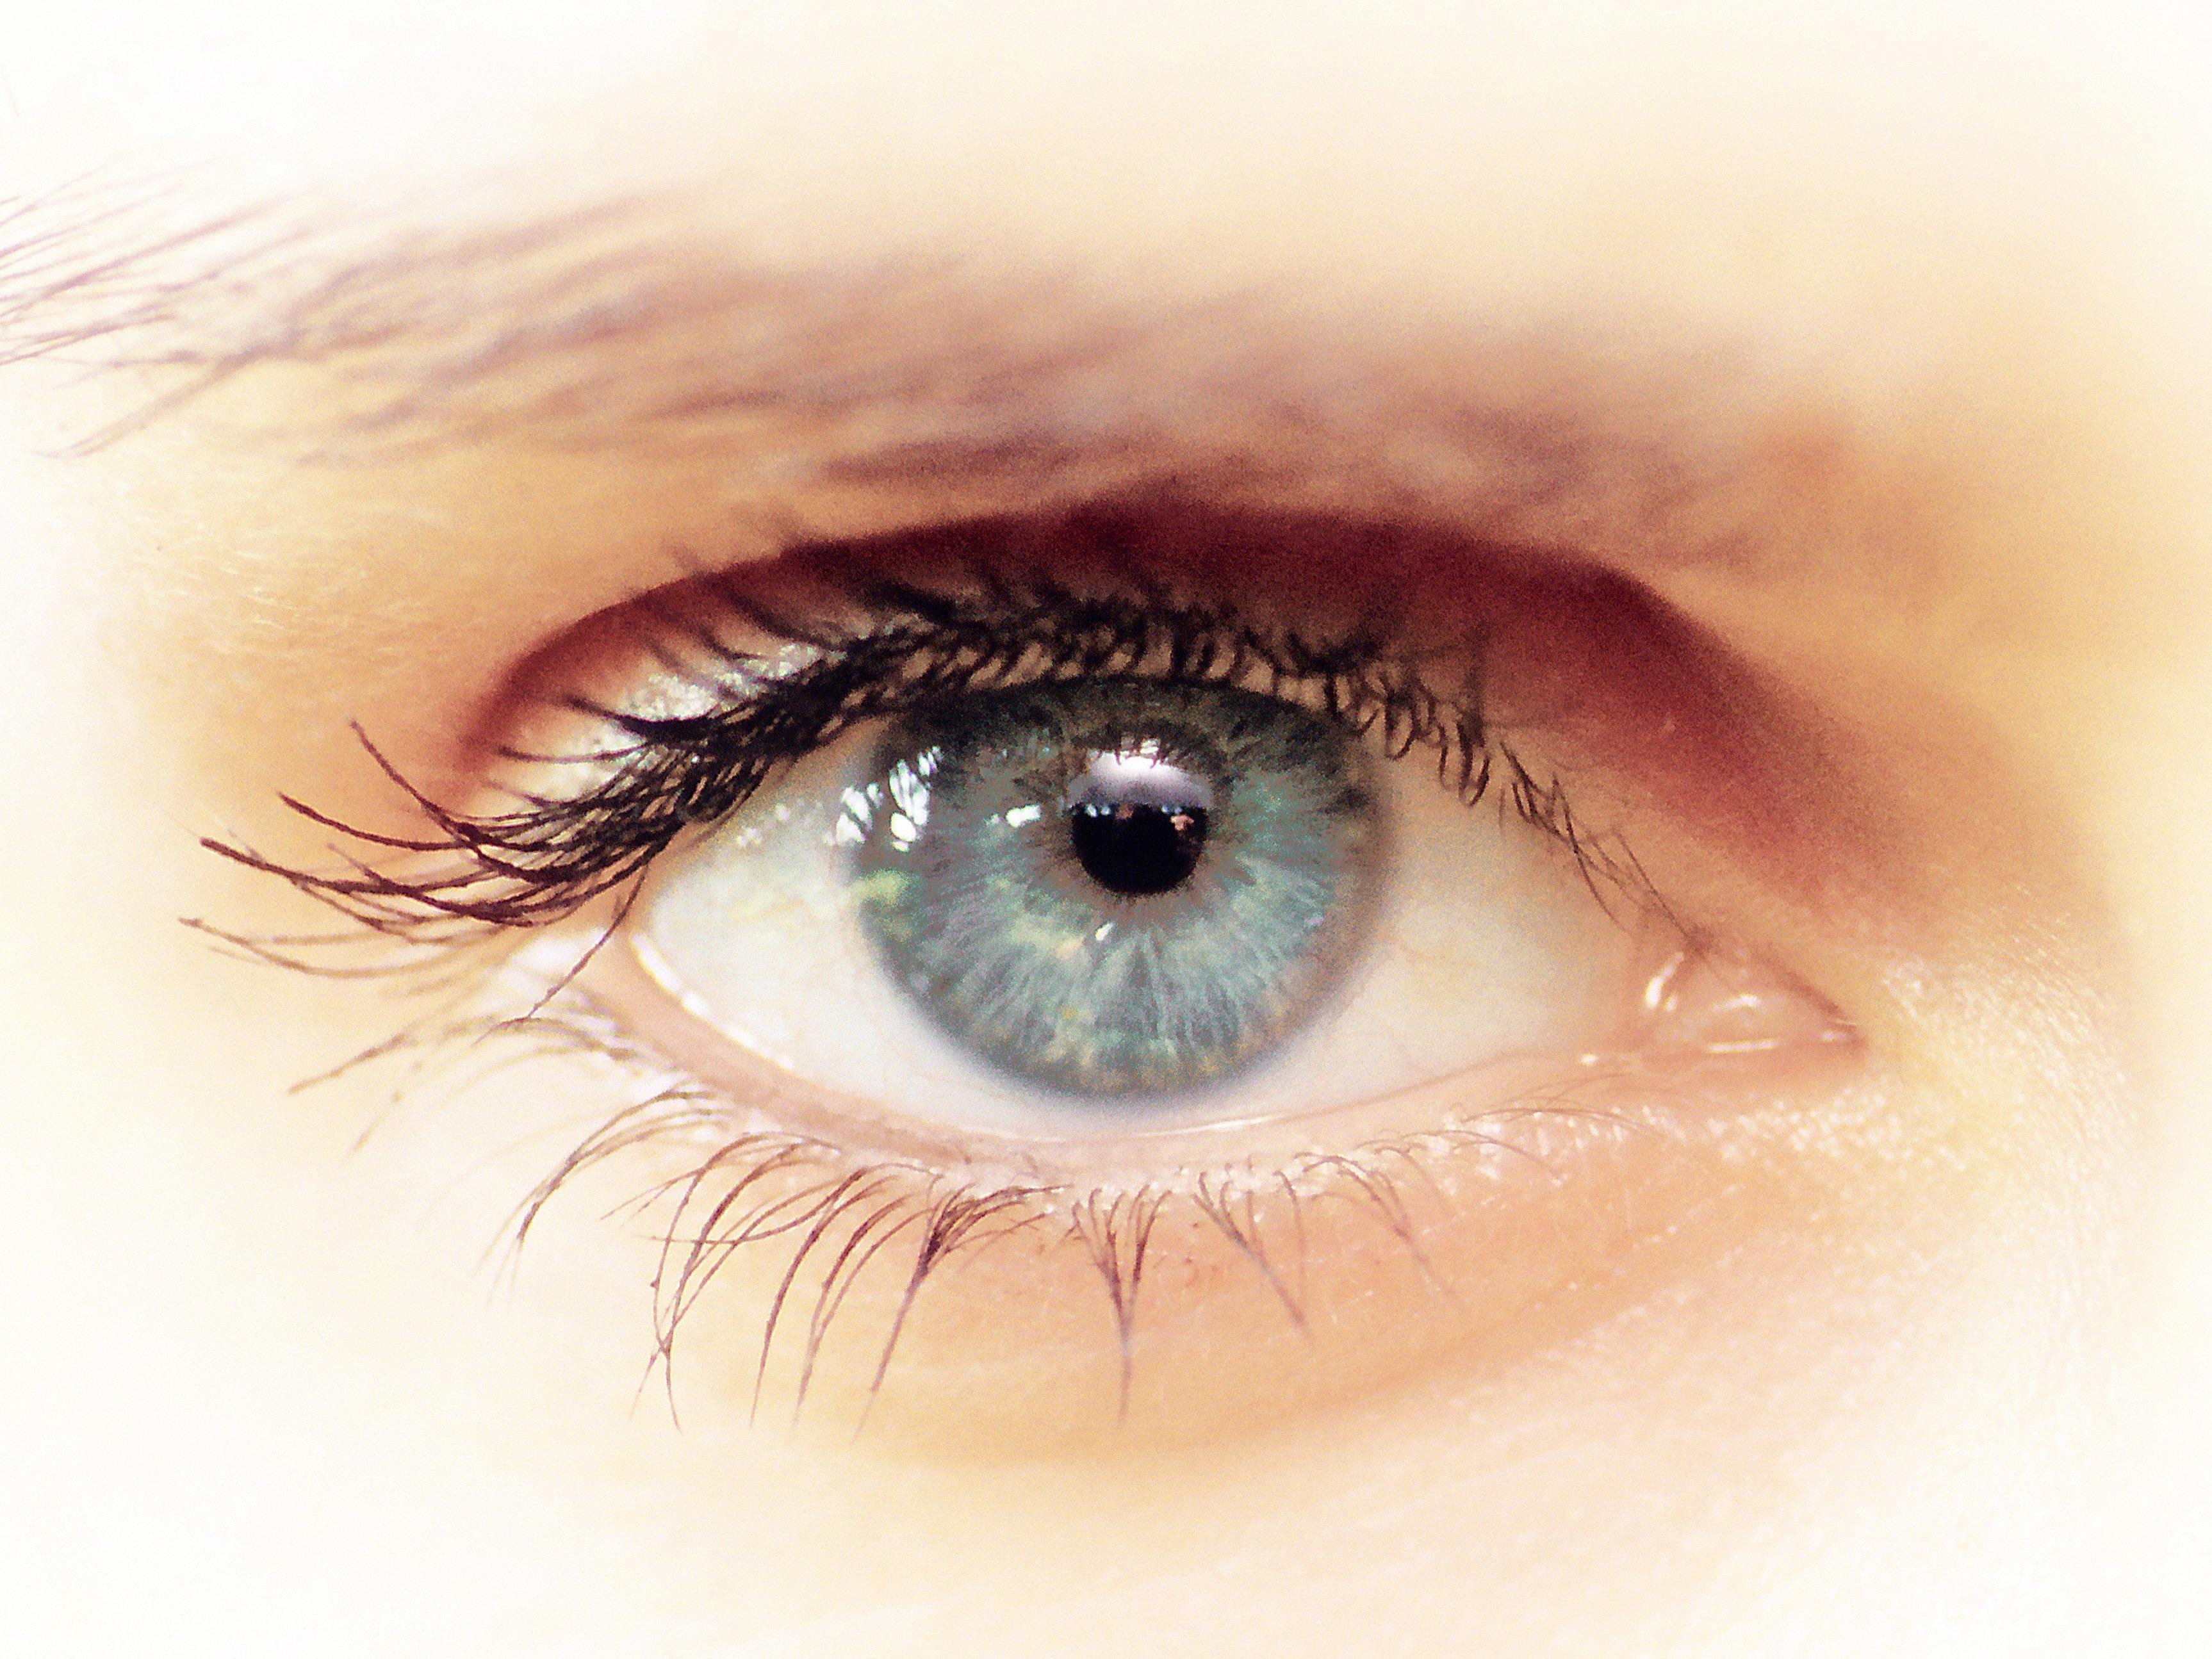 Menschen mit blauen Augen werden offenbar als attraktiver und intelligenter angesehen.